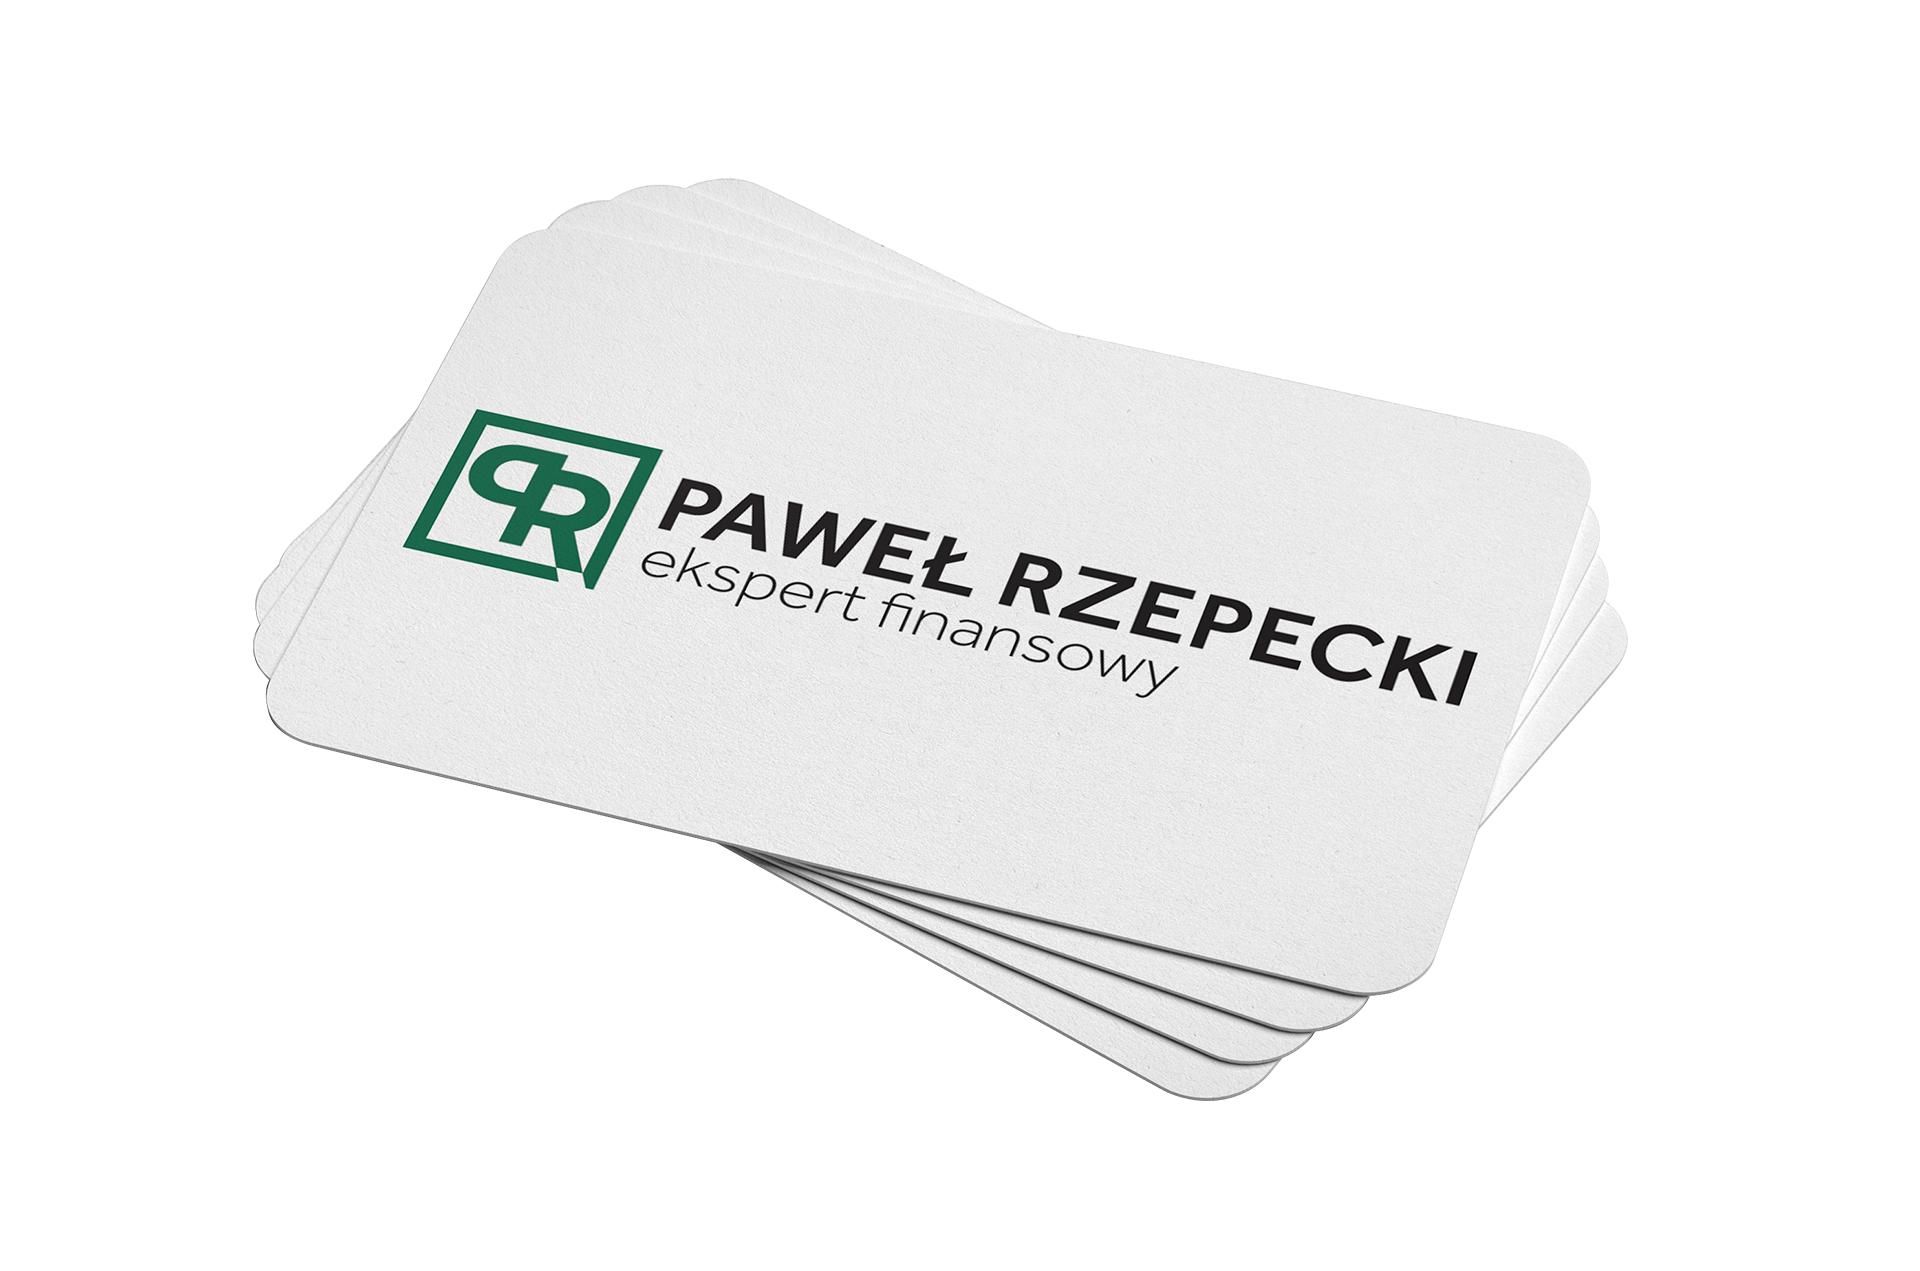 Pojekt logo Paweł Rzepecki